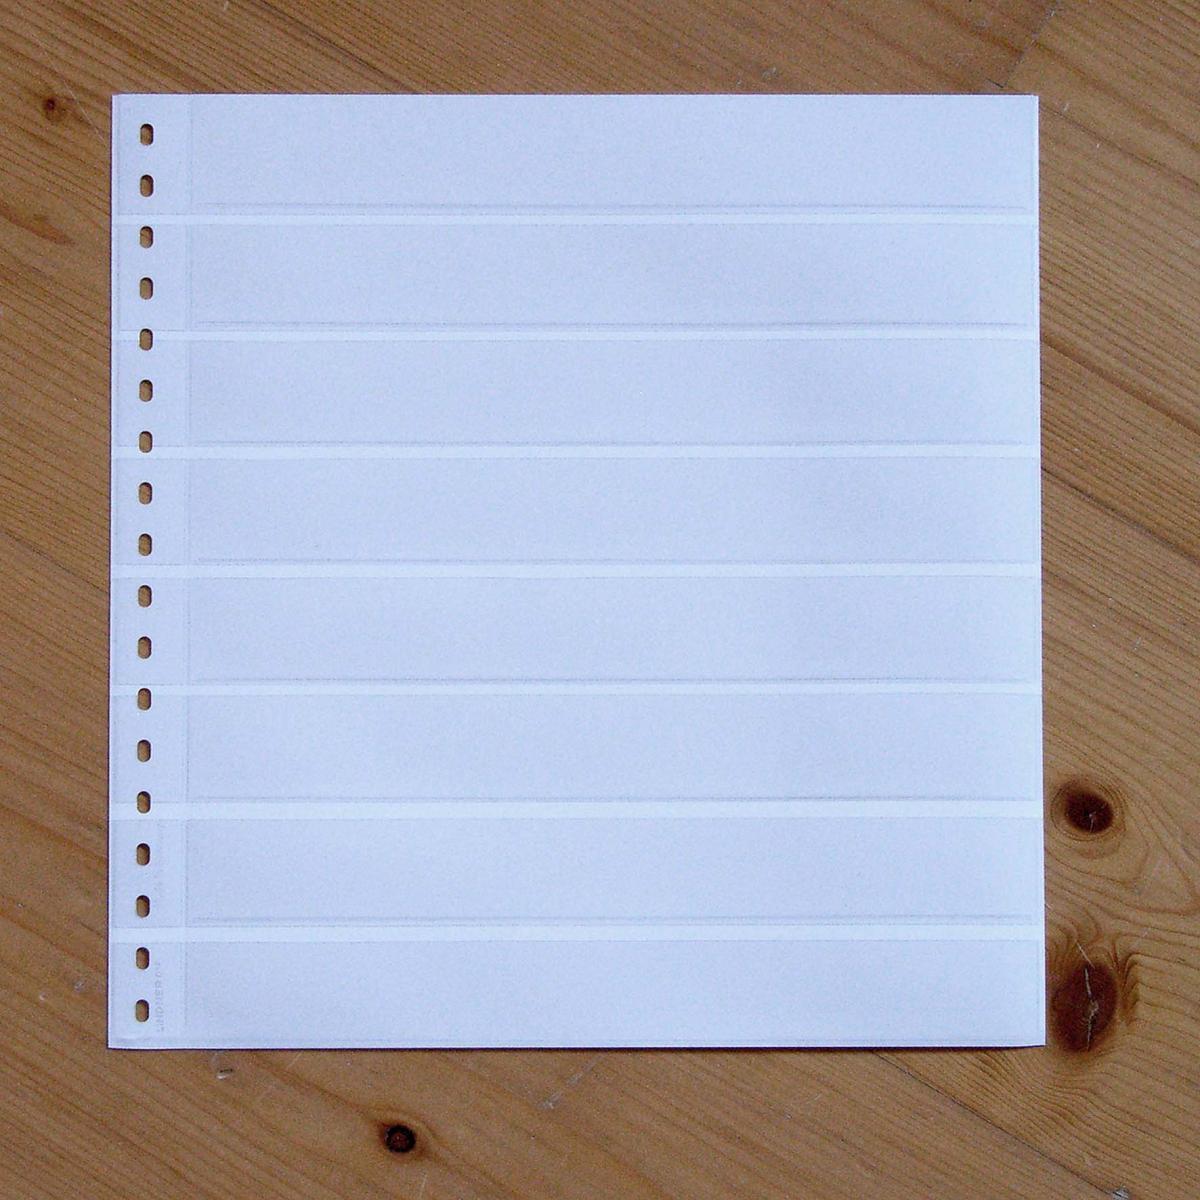 LINDNER Omnia Einsteckblatt 016 weiß 8 Streifen 0